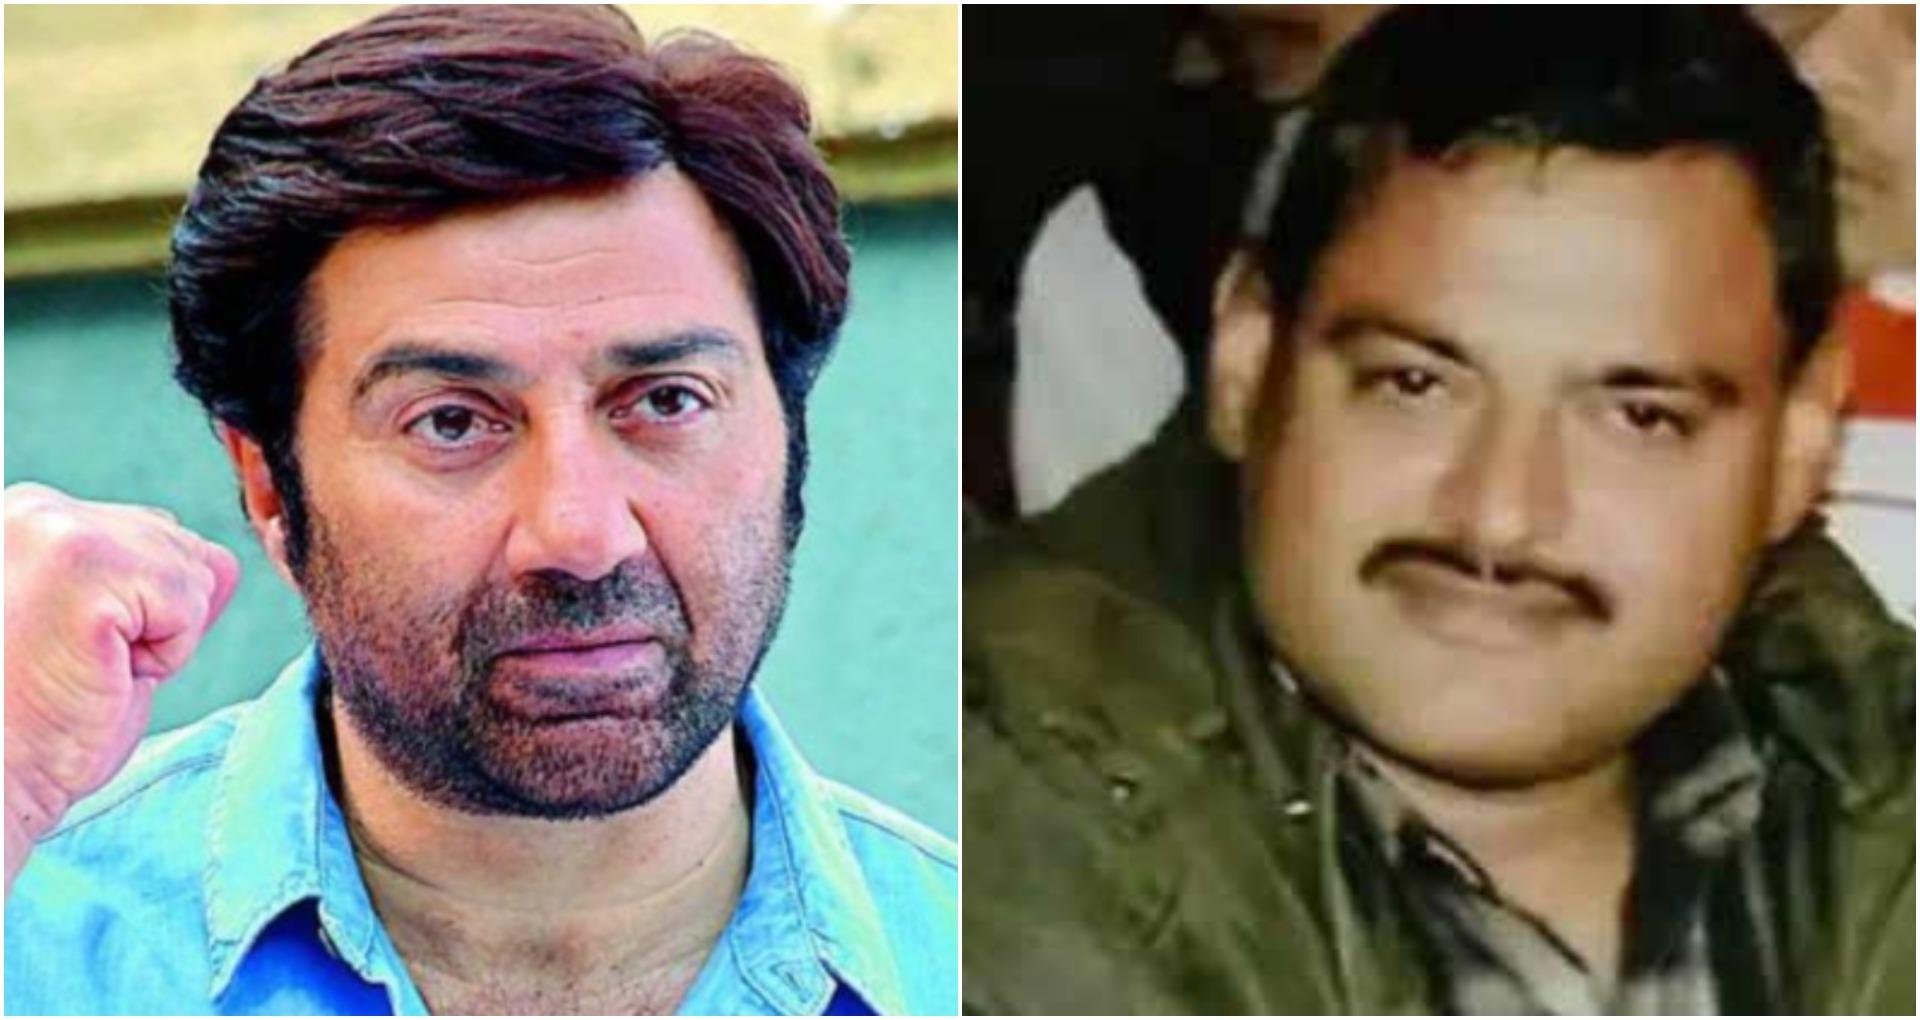 kanpur gangster vikas dubey: विकास दुबे सनी देओल की इस फिल्म से प्रभावित था, कई बार देखी फिल्म